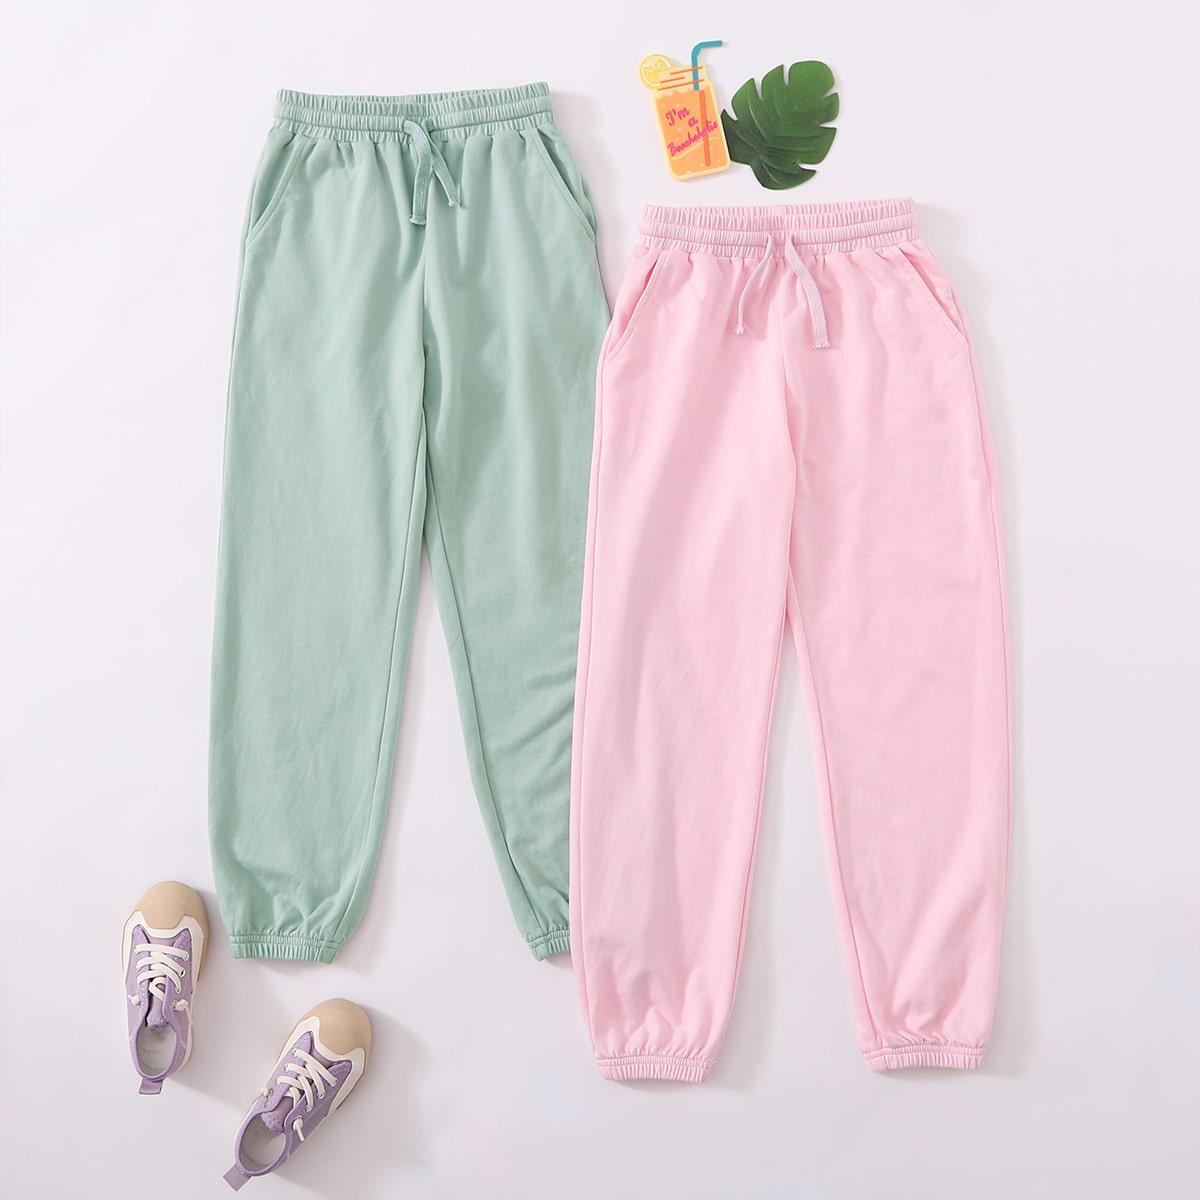 2 пакета однотонные спортивные брюки на кулиске для девочек